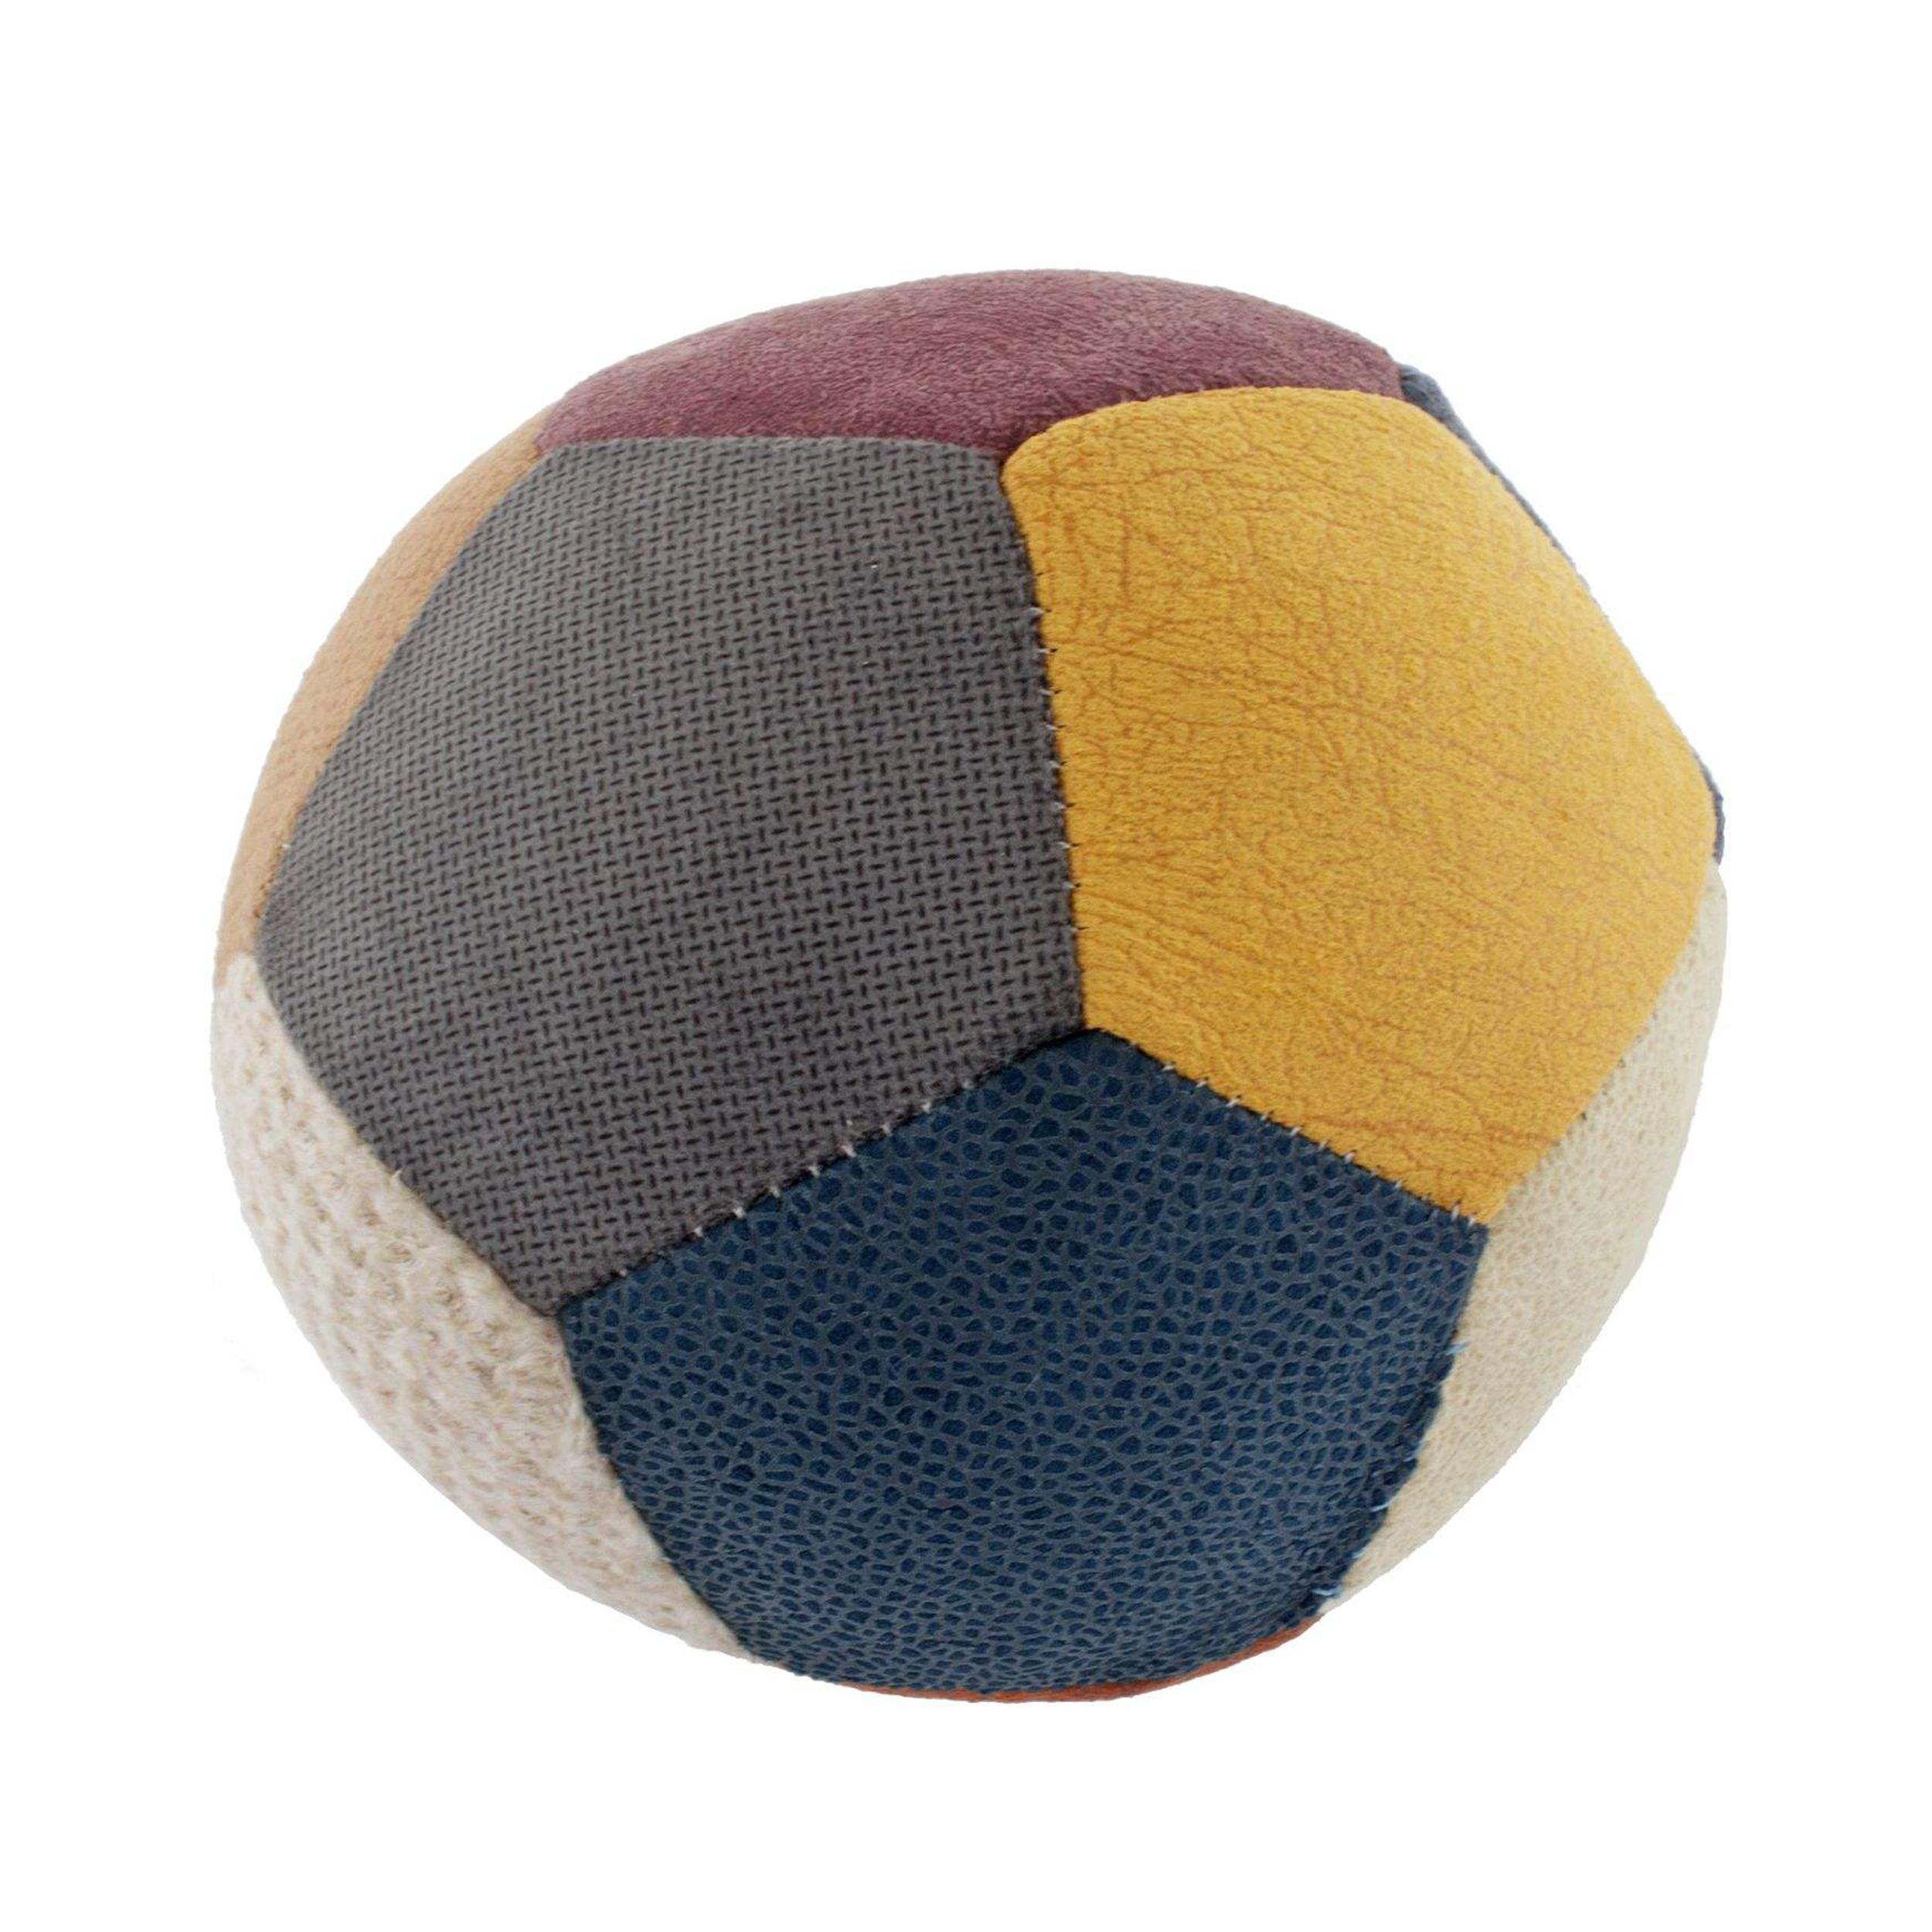 توپ بازی کودک مدل No کد 10